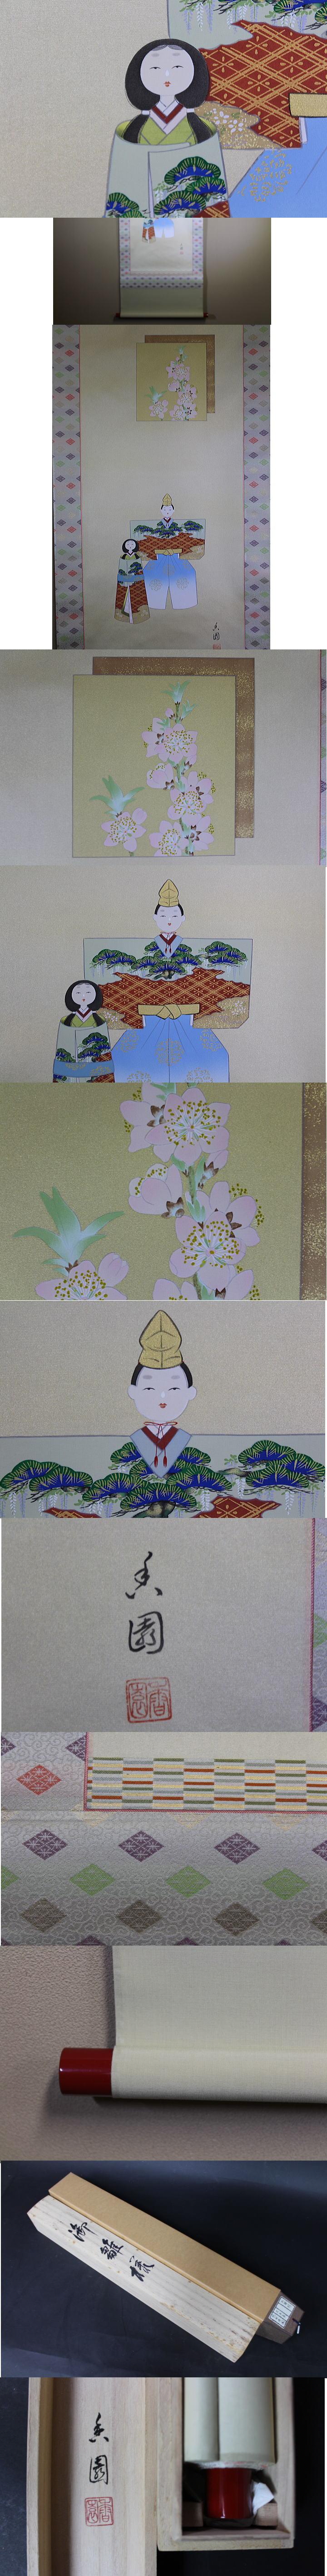 jikuhinaso